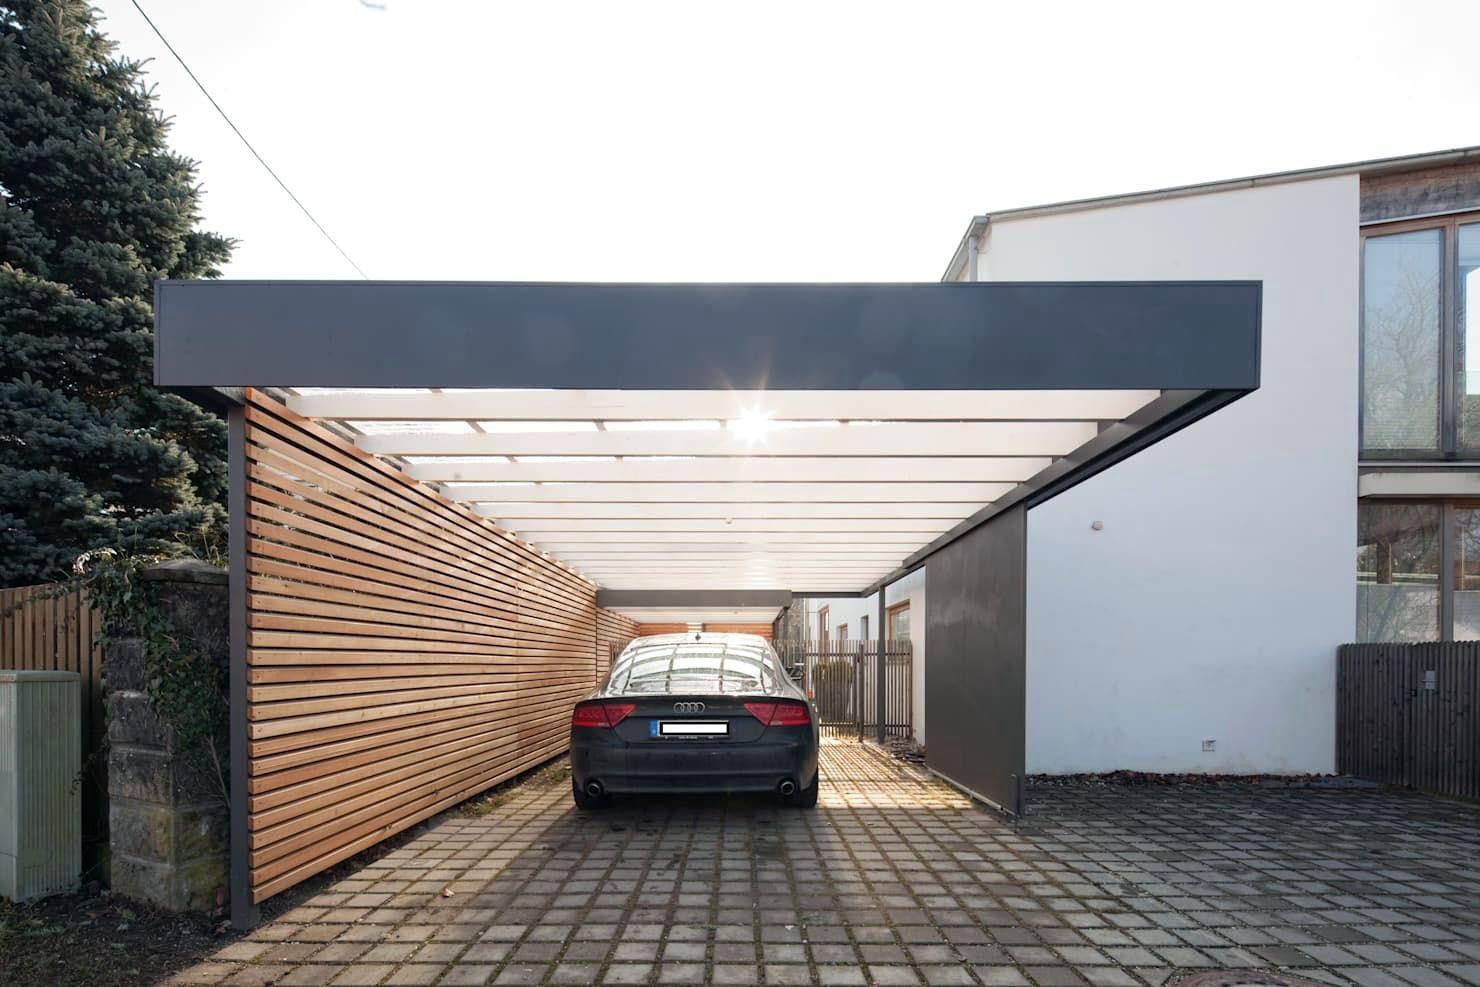 Marvelous Garage Joist Storage To Inspire You Carport Garage Modern Carport Garage Exterior